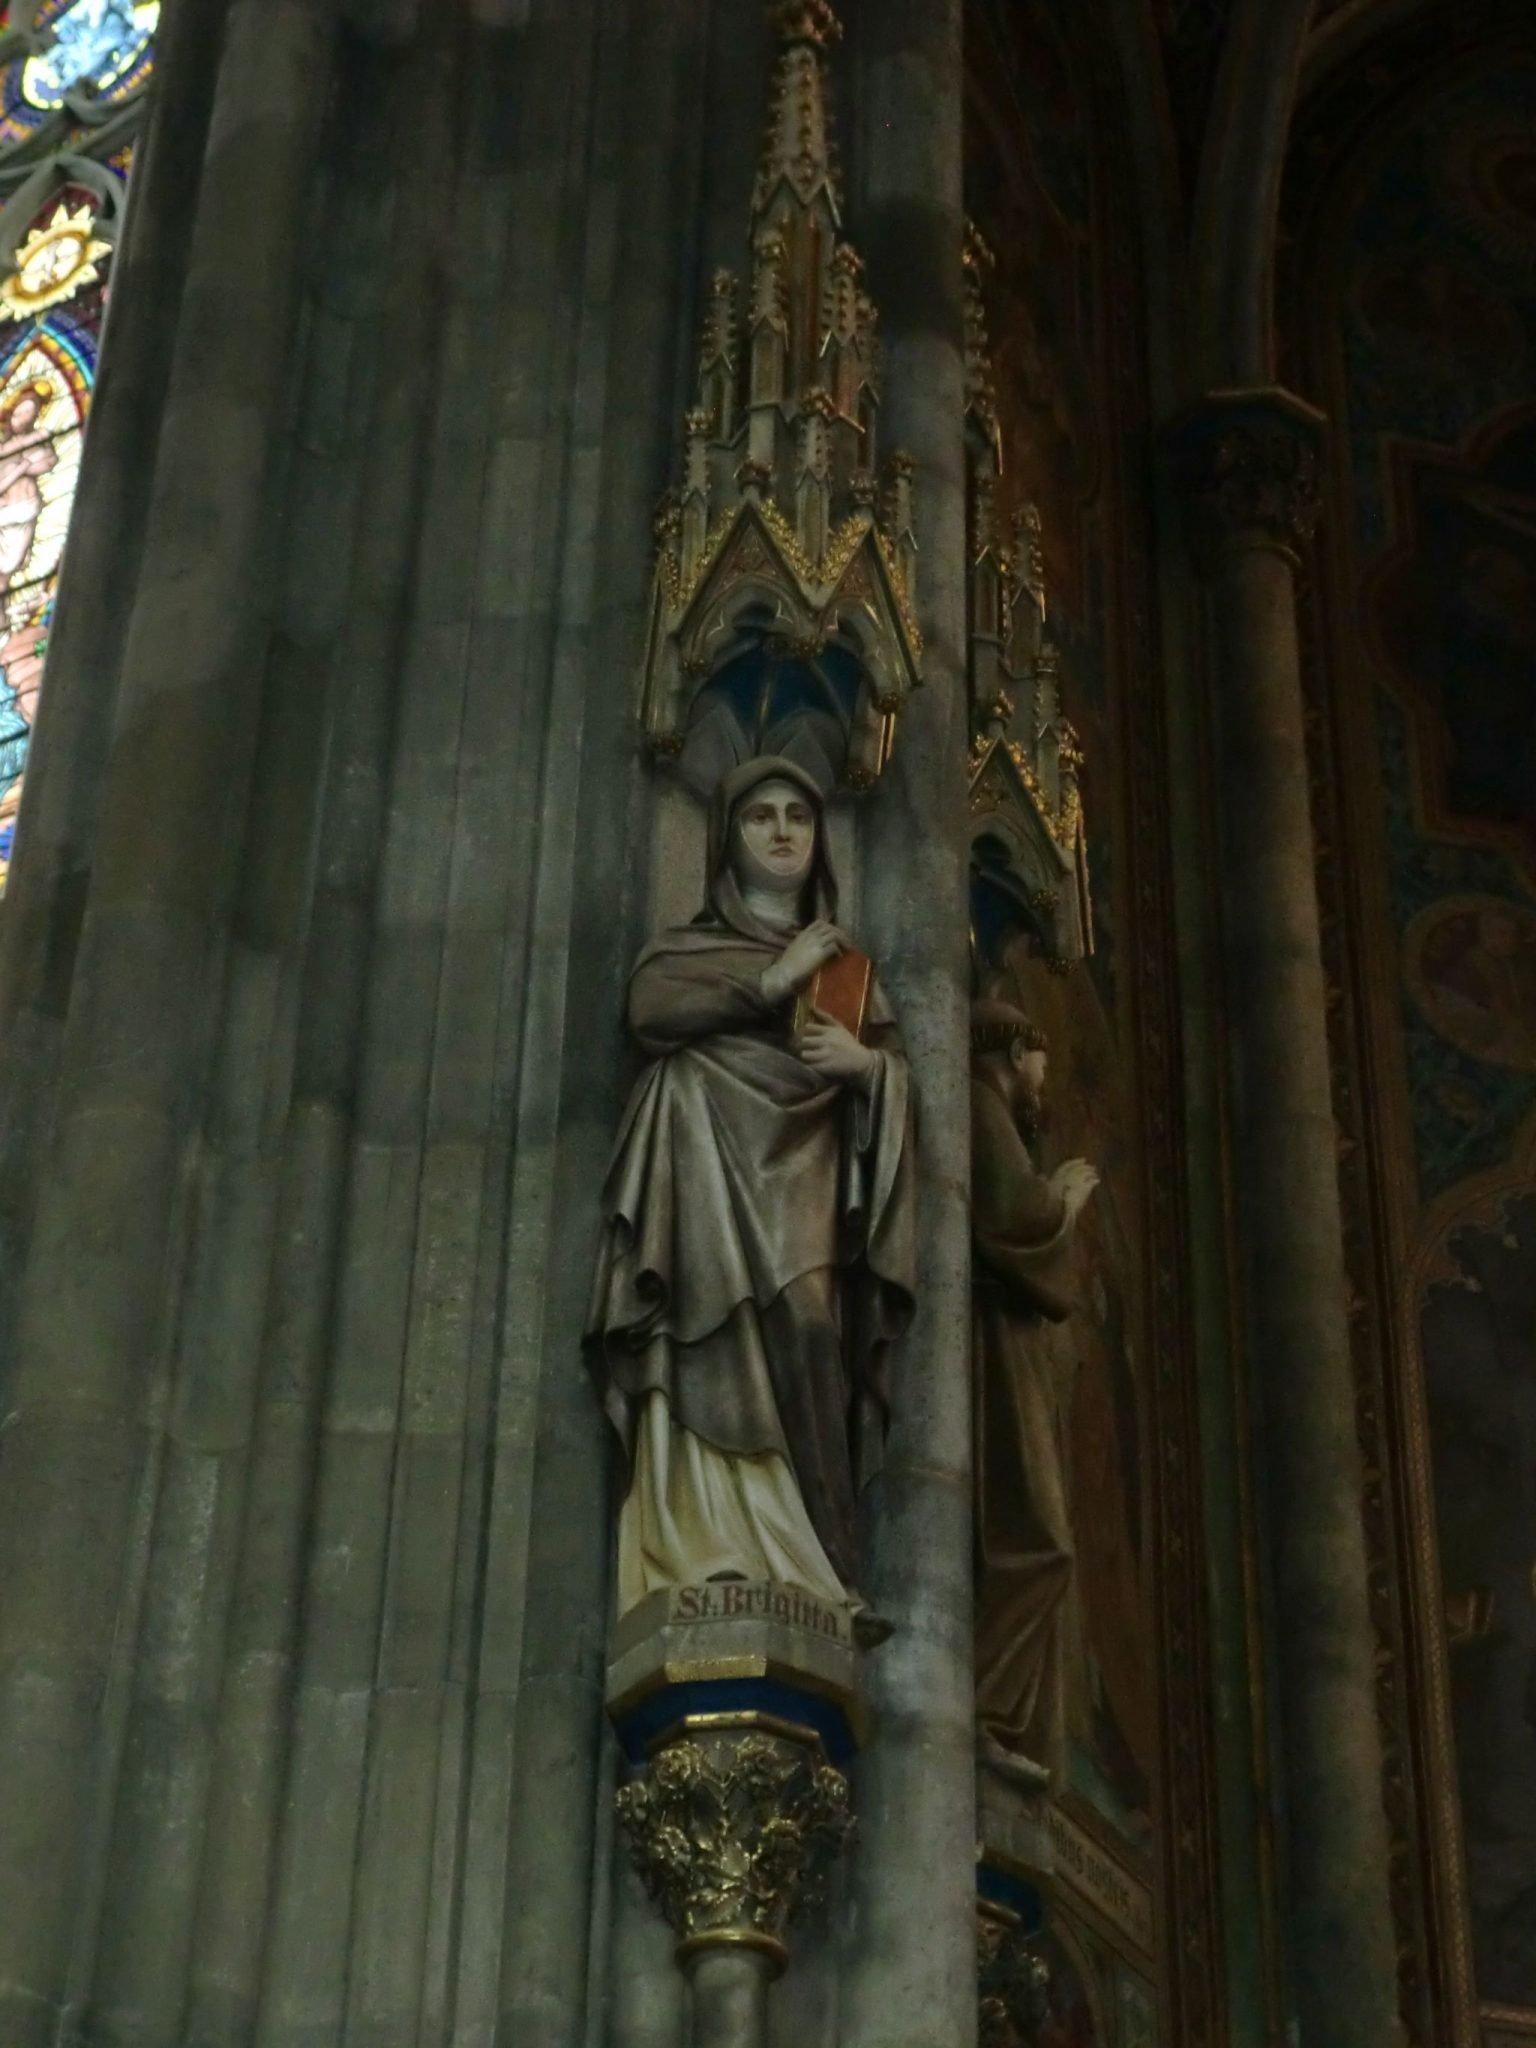 Vienna cathedral 12 1440x1920 - Vienna: elegant beauty